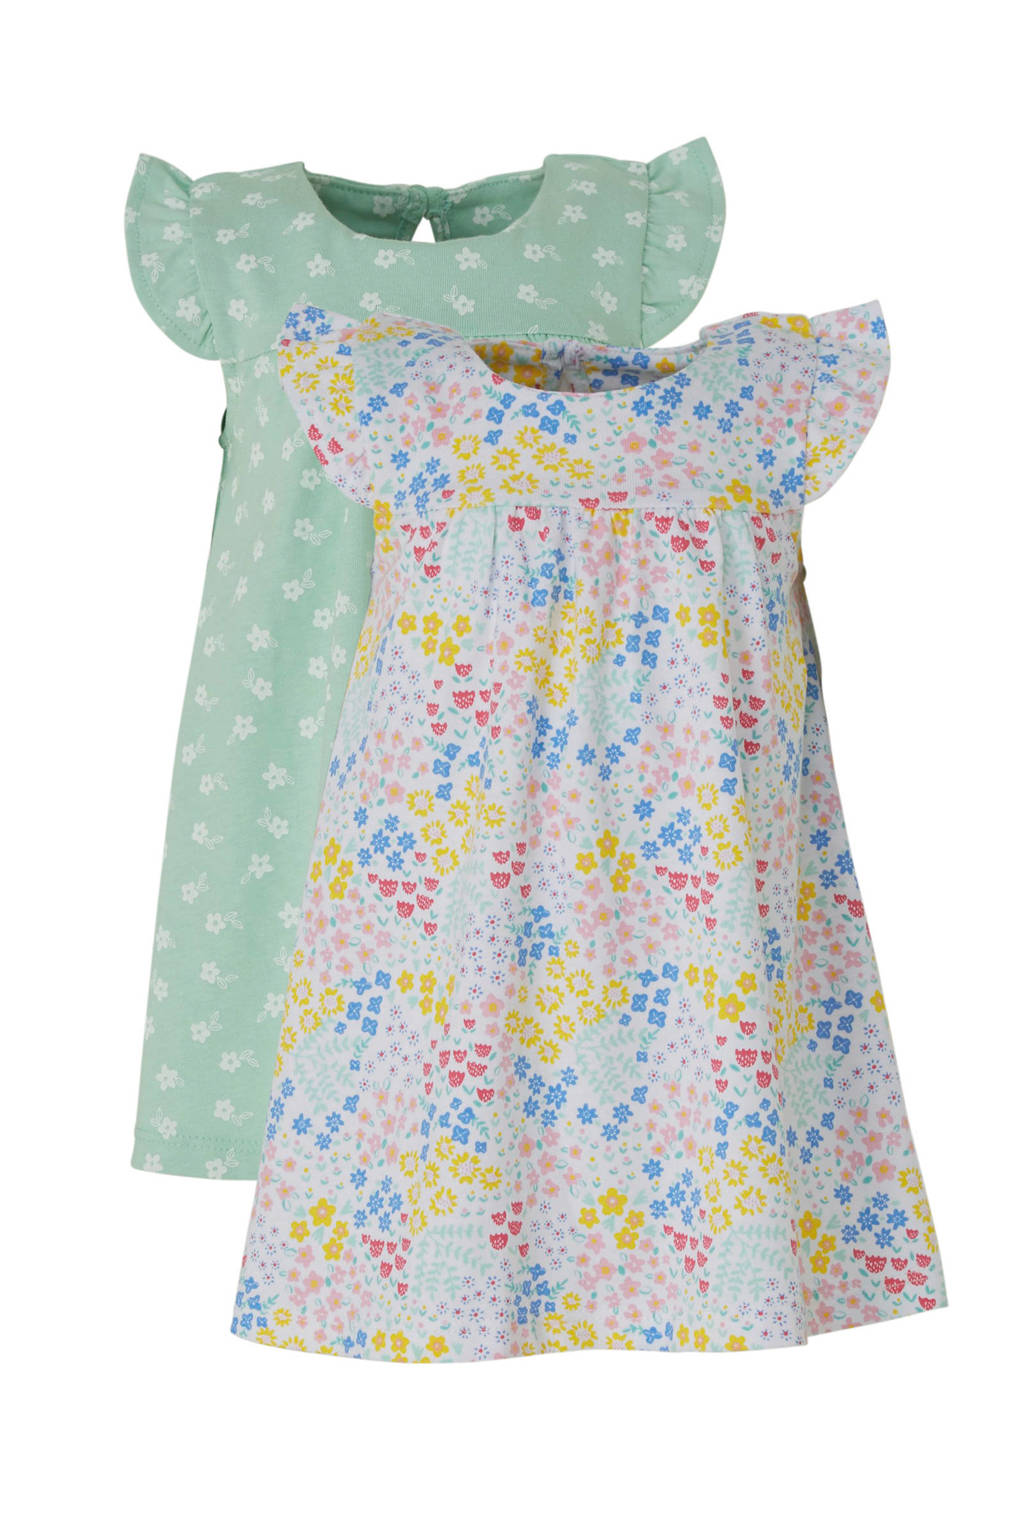 C&A Baby Club gebloemde jurk - set van 2, Wit/mintgroen